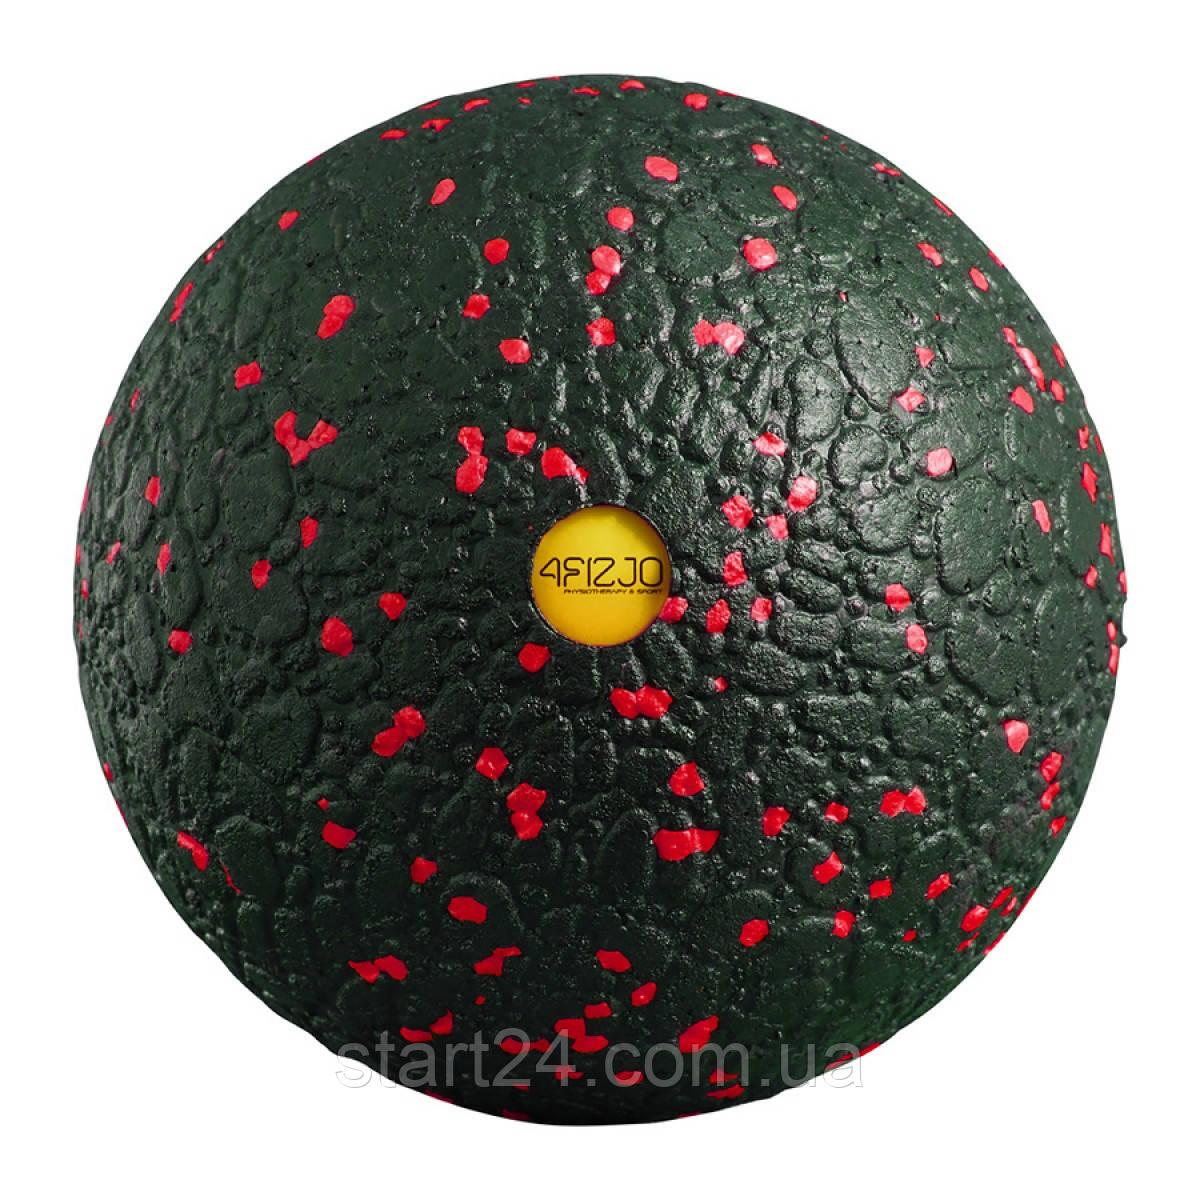 Масажний м'яч 4FIZJO EPP Ball 12 4FJ1271 Black/Red